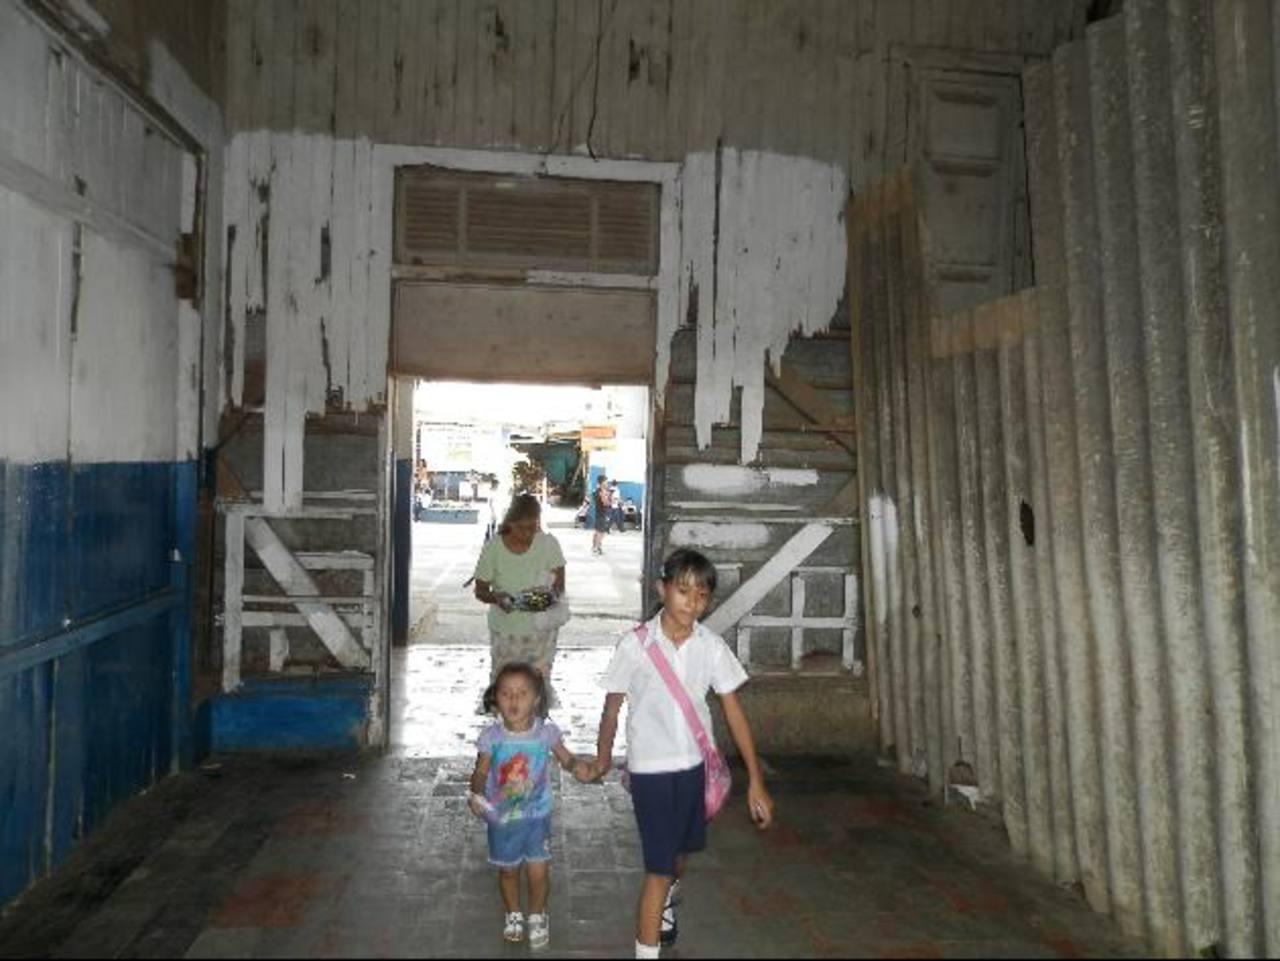 El antiguo pabellón que data de 1929 representa un peligroso riesgo para toda la comunidad estudiantil. foto edh / milton jaco